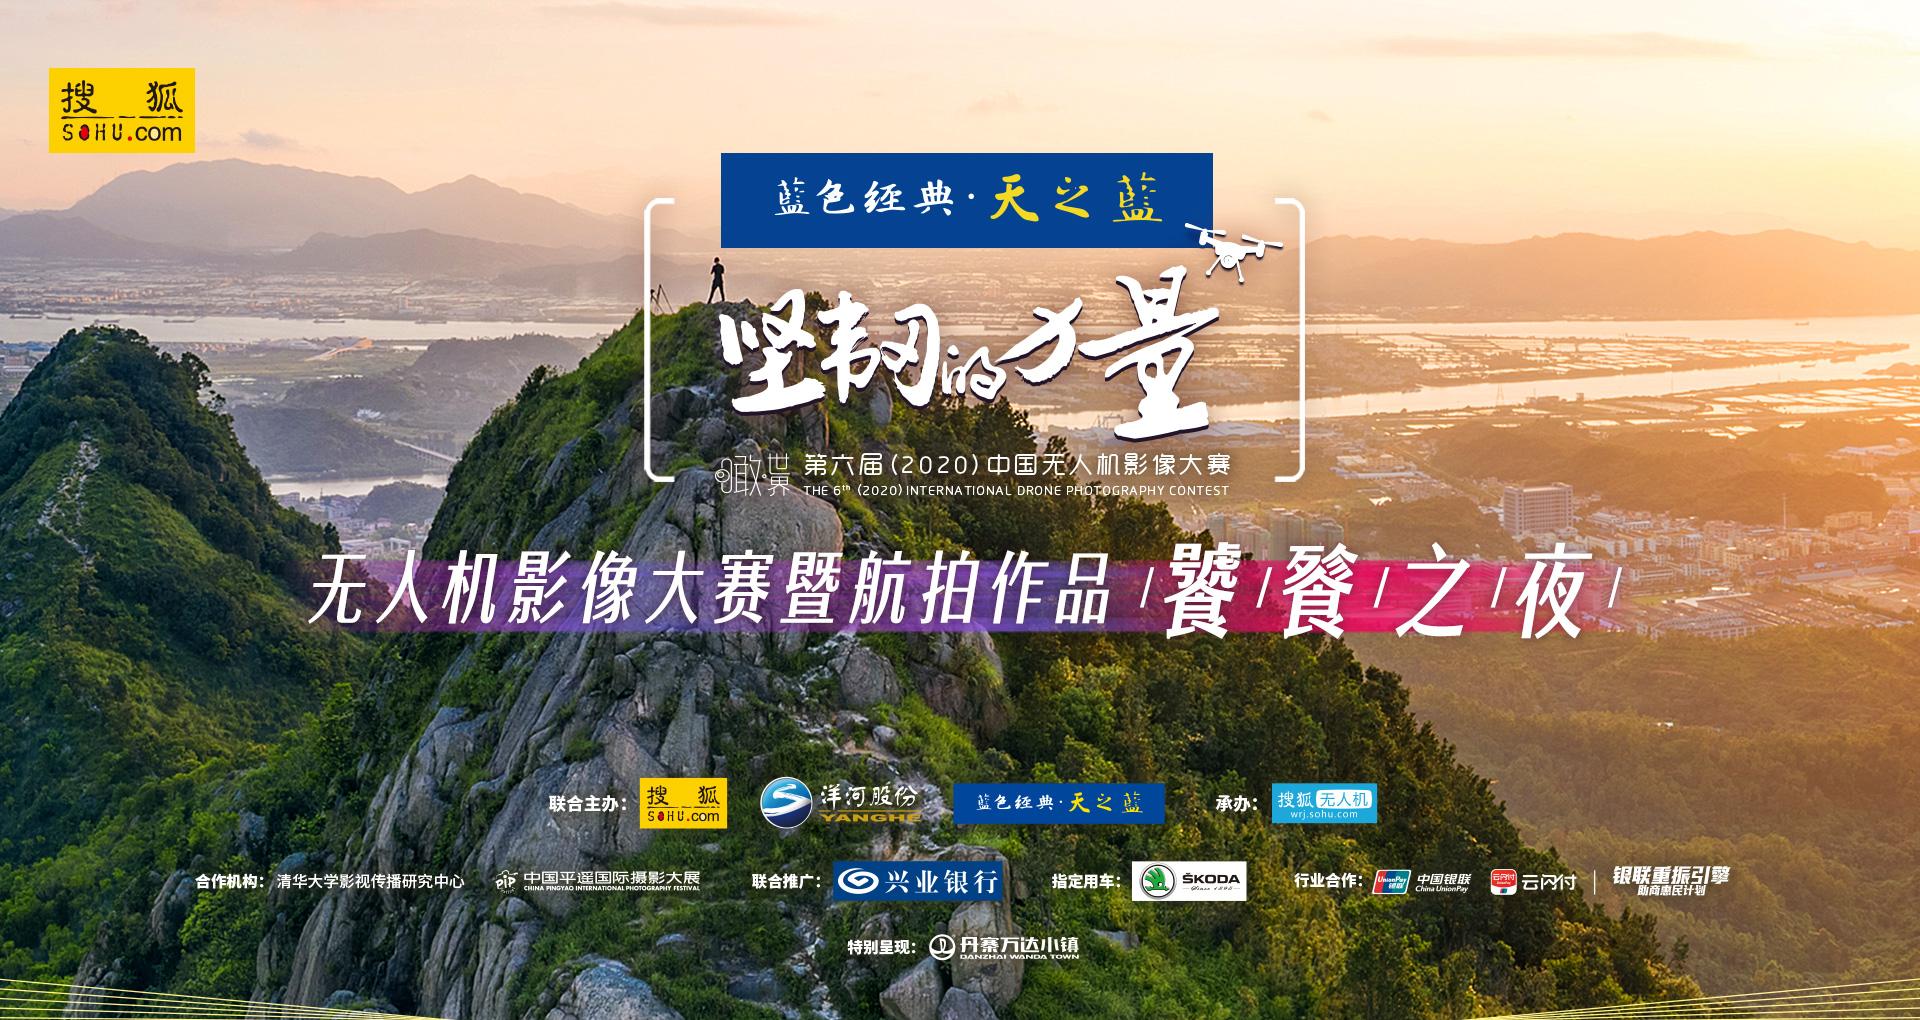 mac:Users:mbp:Desktop:搜狐:无人机:颁奖:0914无人机1920x1080.jpg